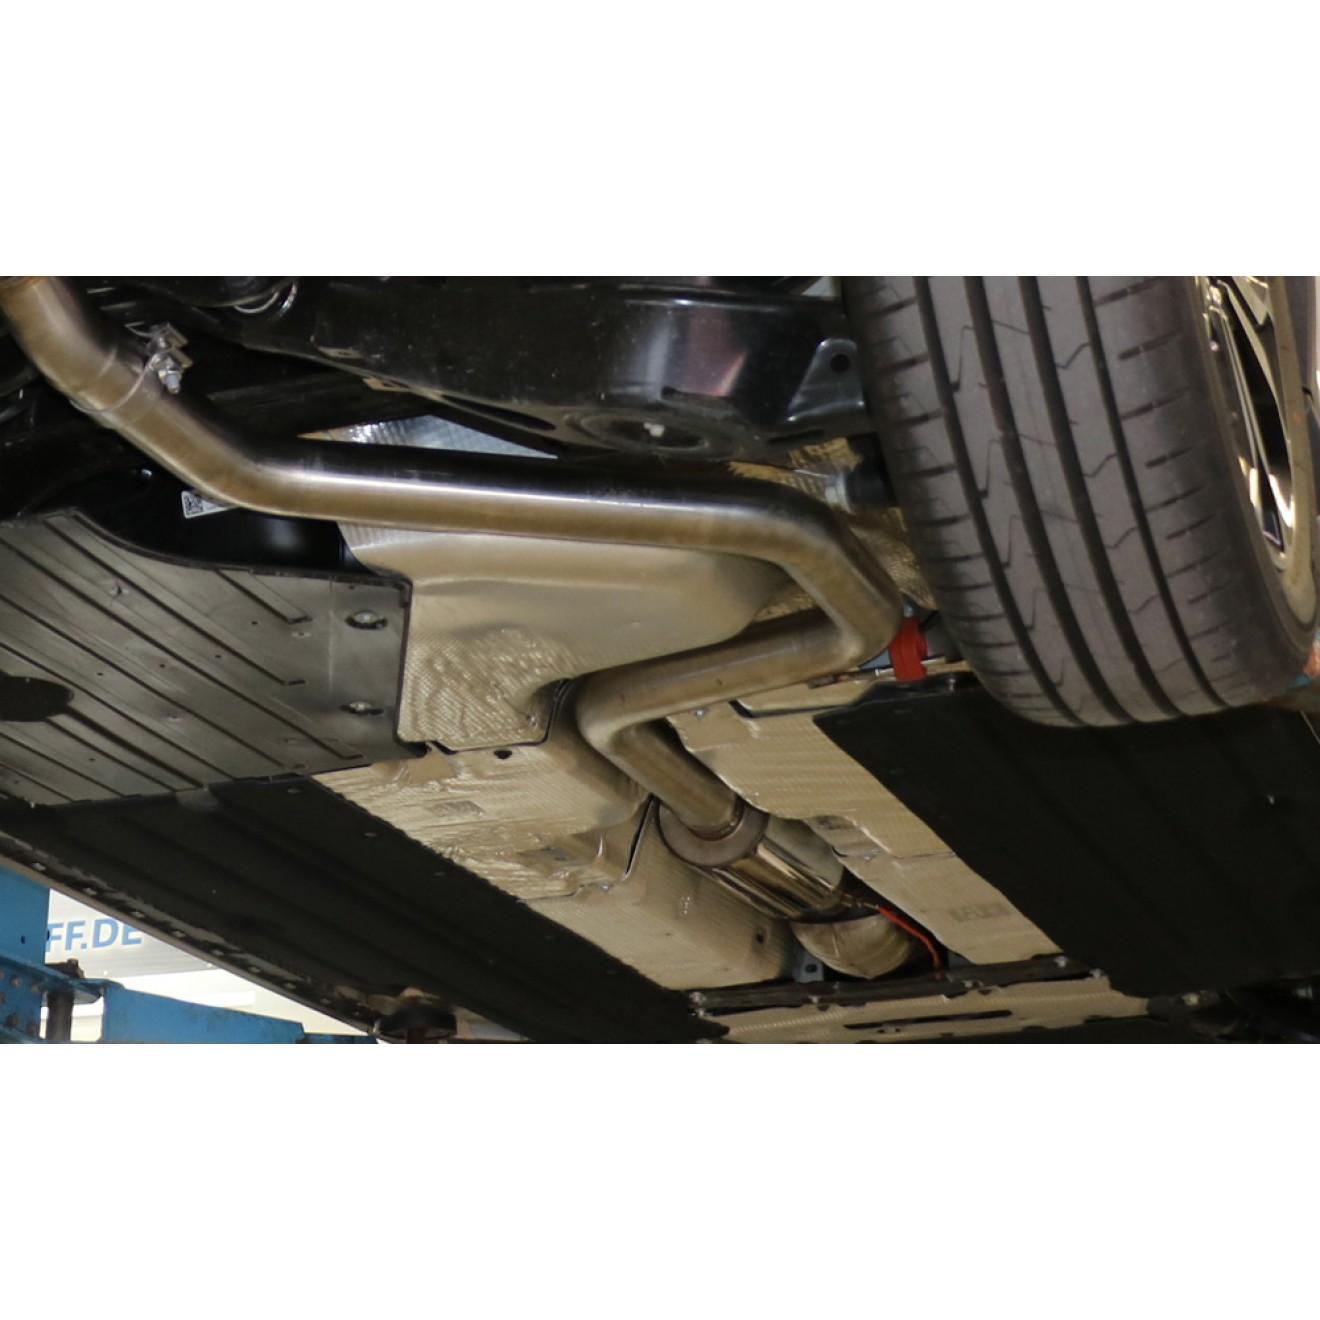 Fox Auspuff Vorschalldämpfer Schalldämpfer Ford Focus IV Kombi 1,5l 111/134kW